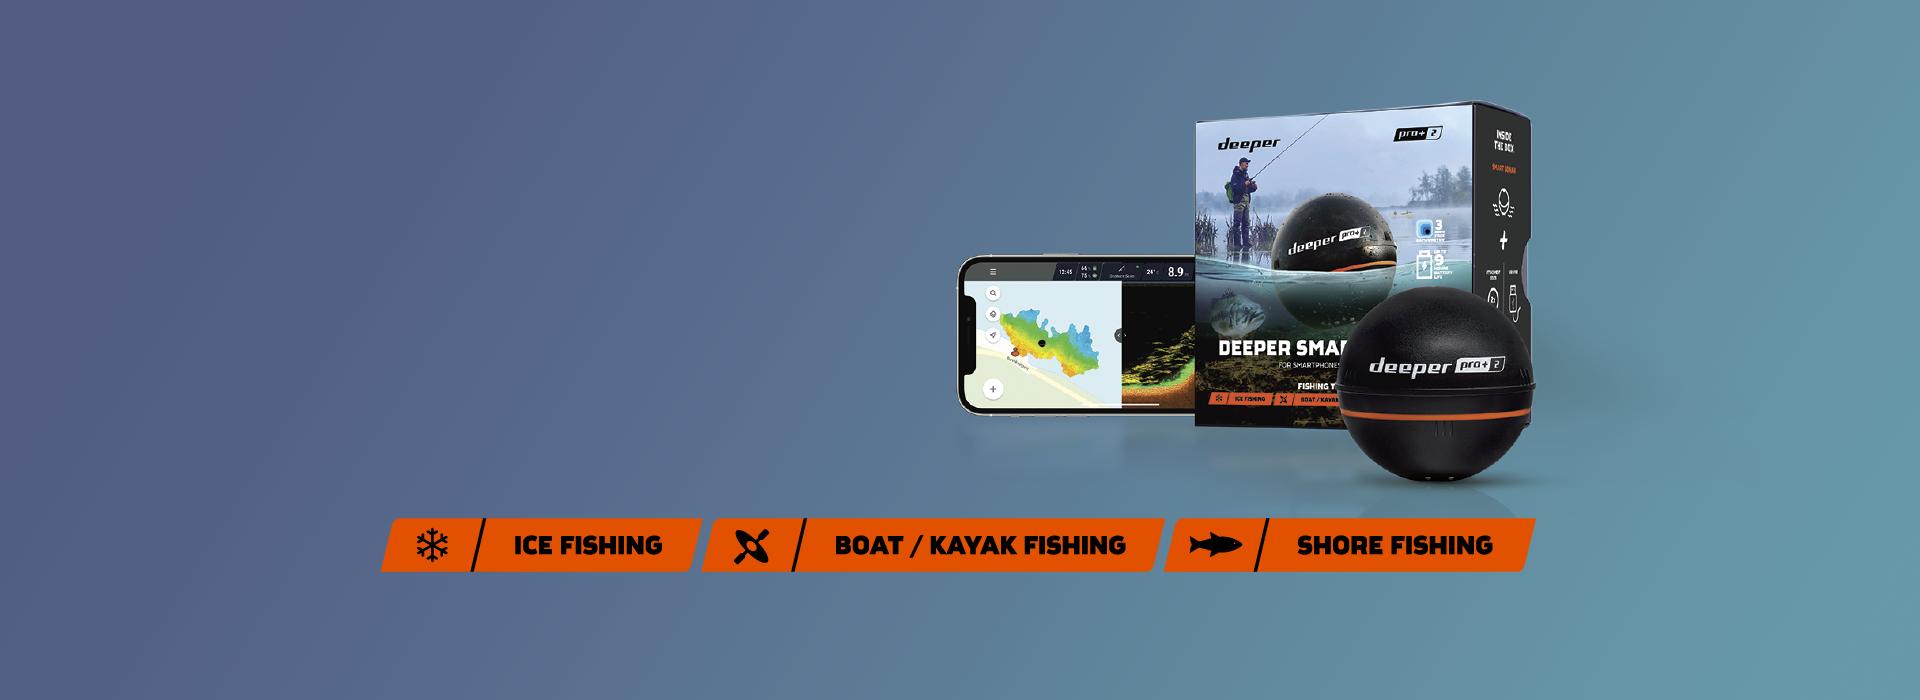 Noul Deeper PRO+ 2! Îndrăgit de pescarii din toată lumea. Acum îmbunătățit și mai performant ca niciodată.